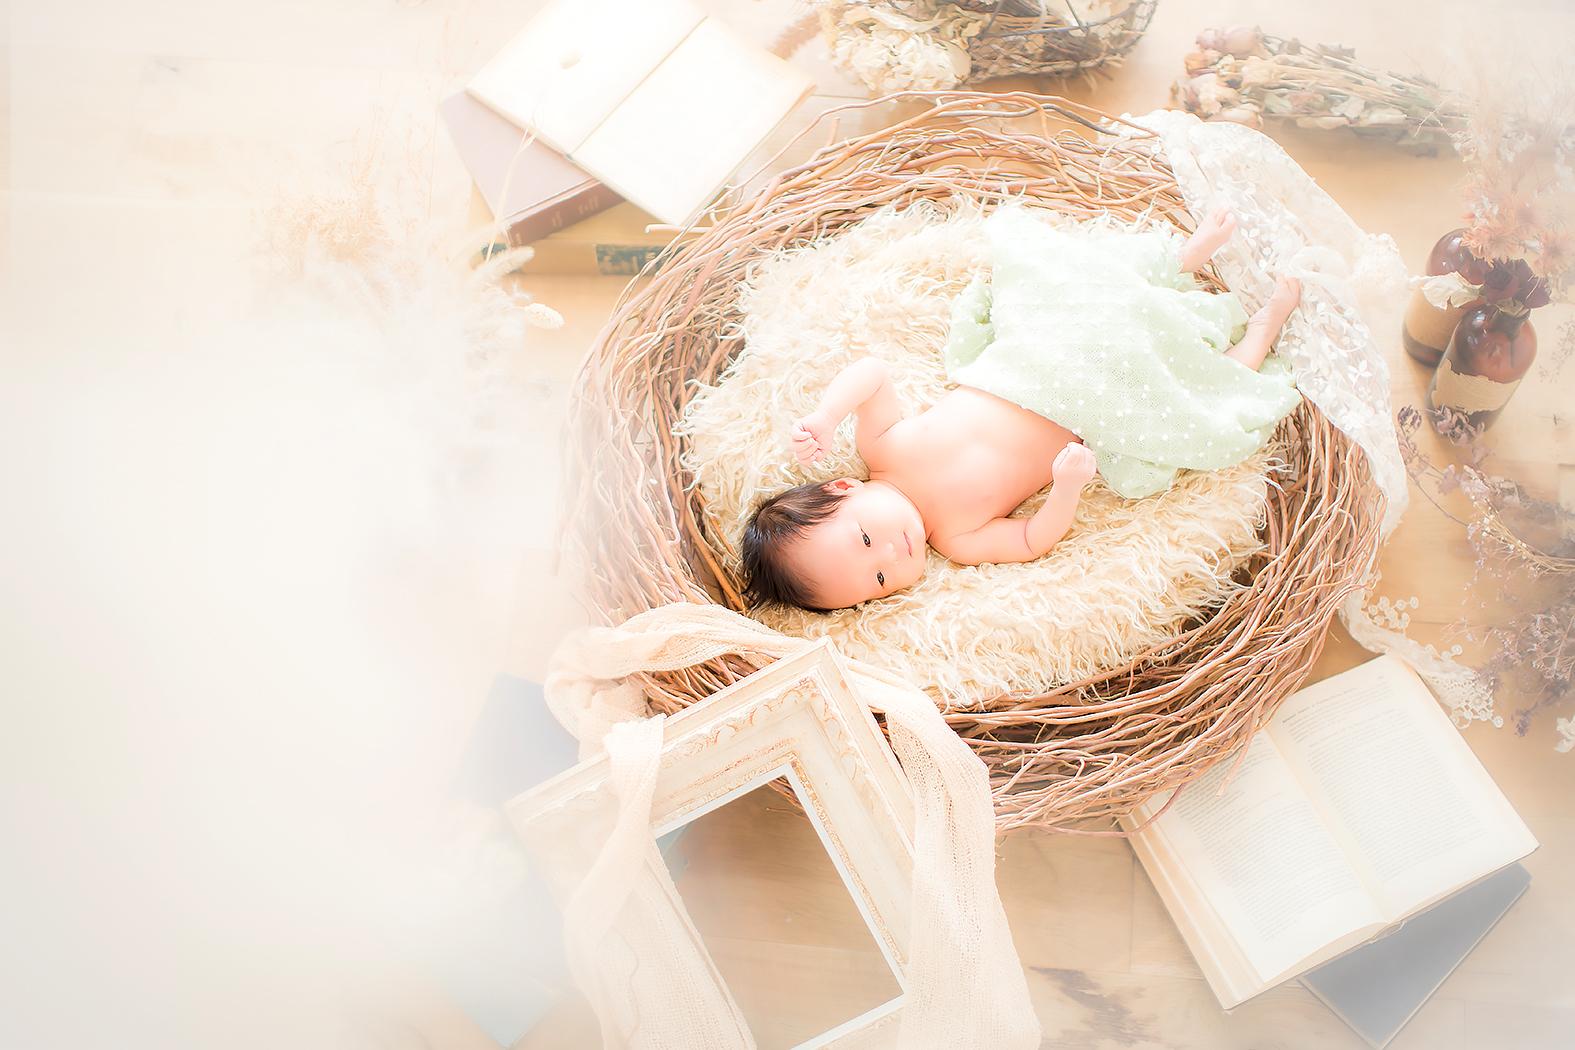 ニューボーン,新生児,赤ちゃん